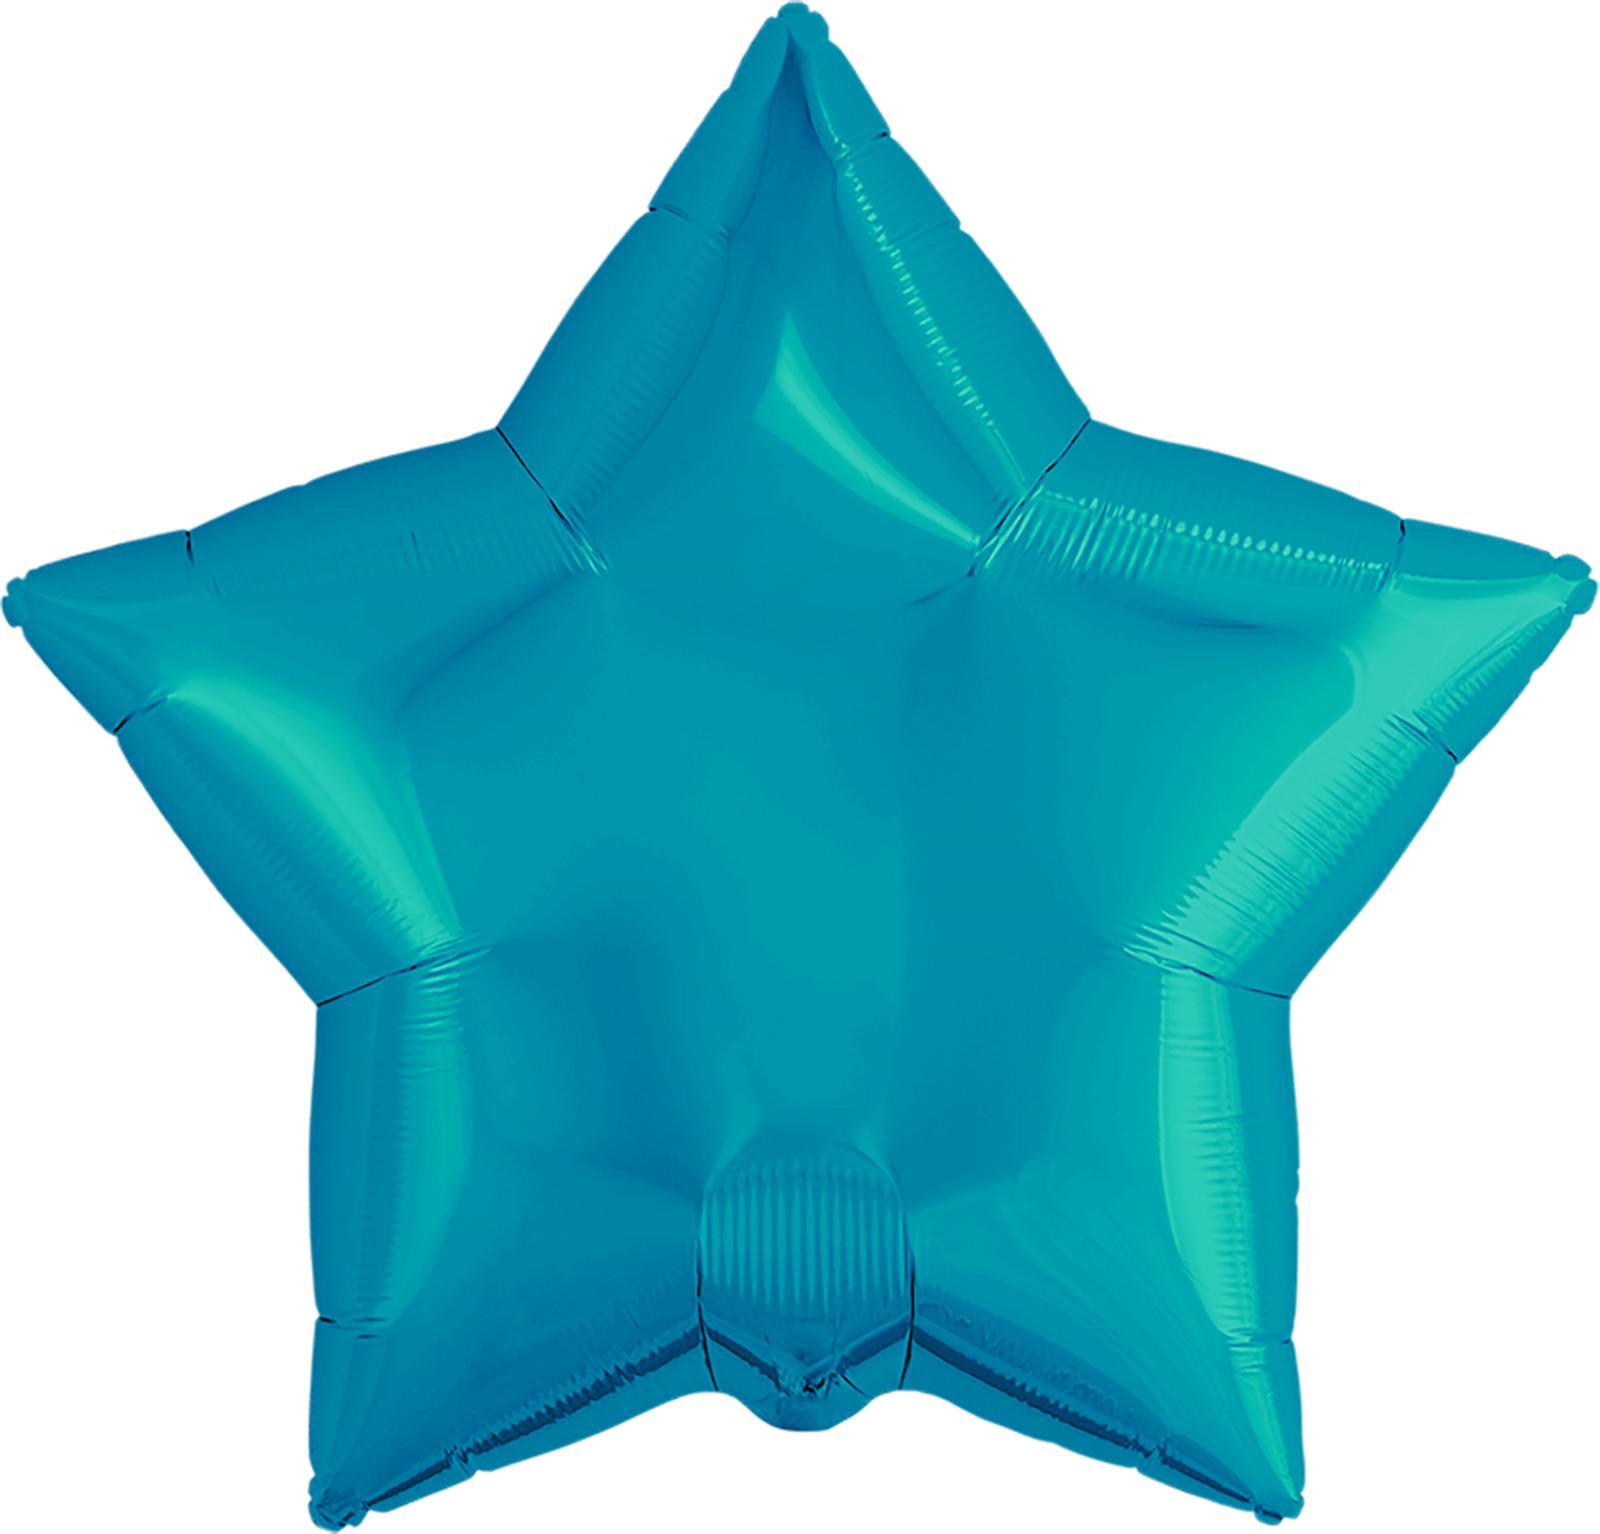 Воздушный шар Agura Miland Звезда, 466-5-305-40776-1